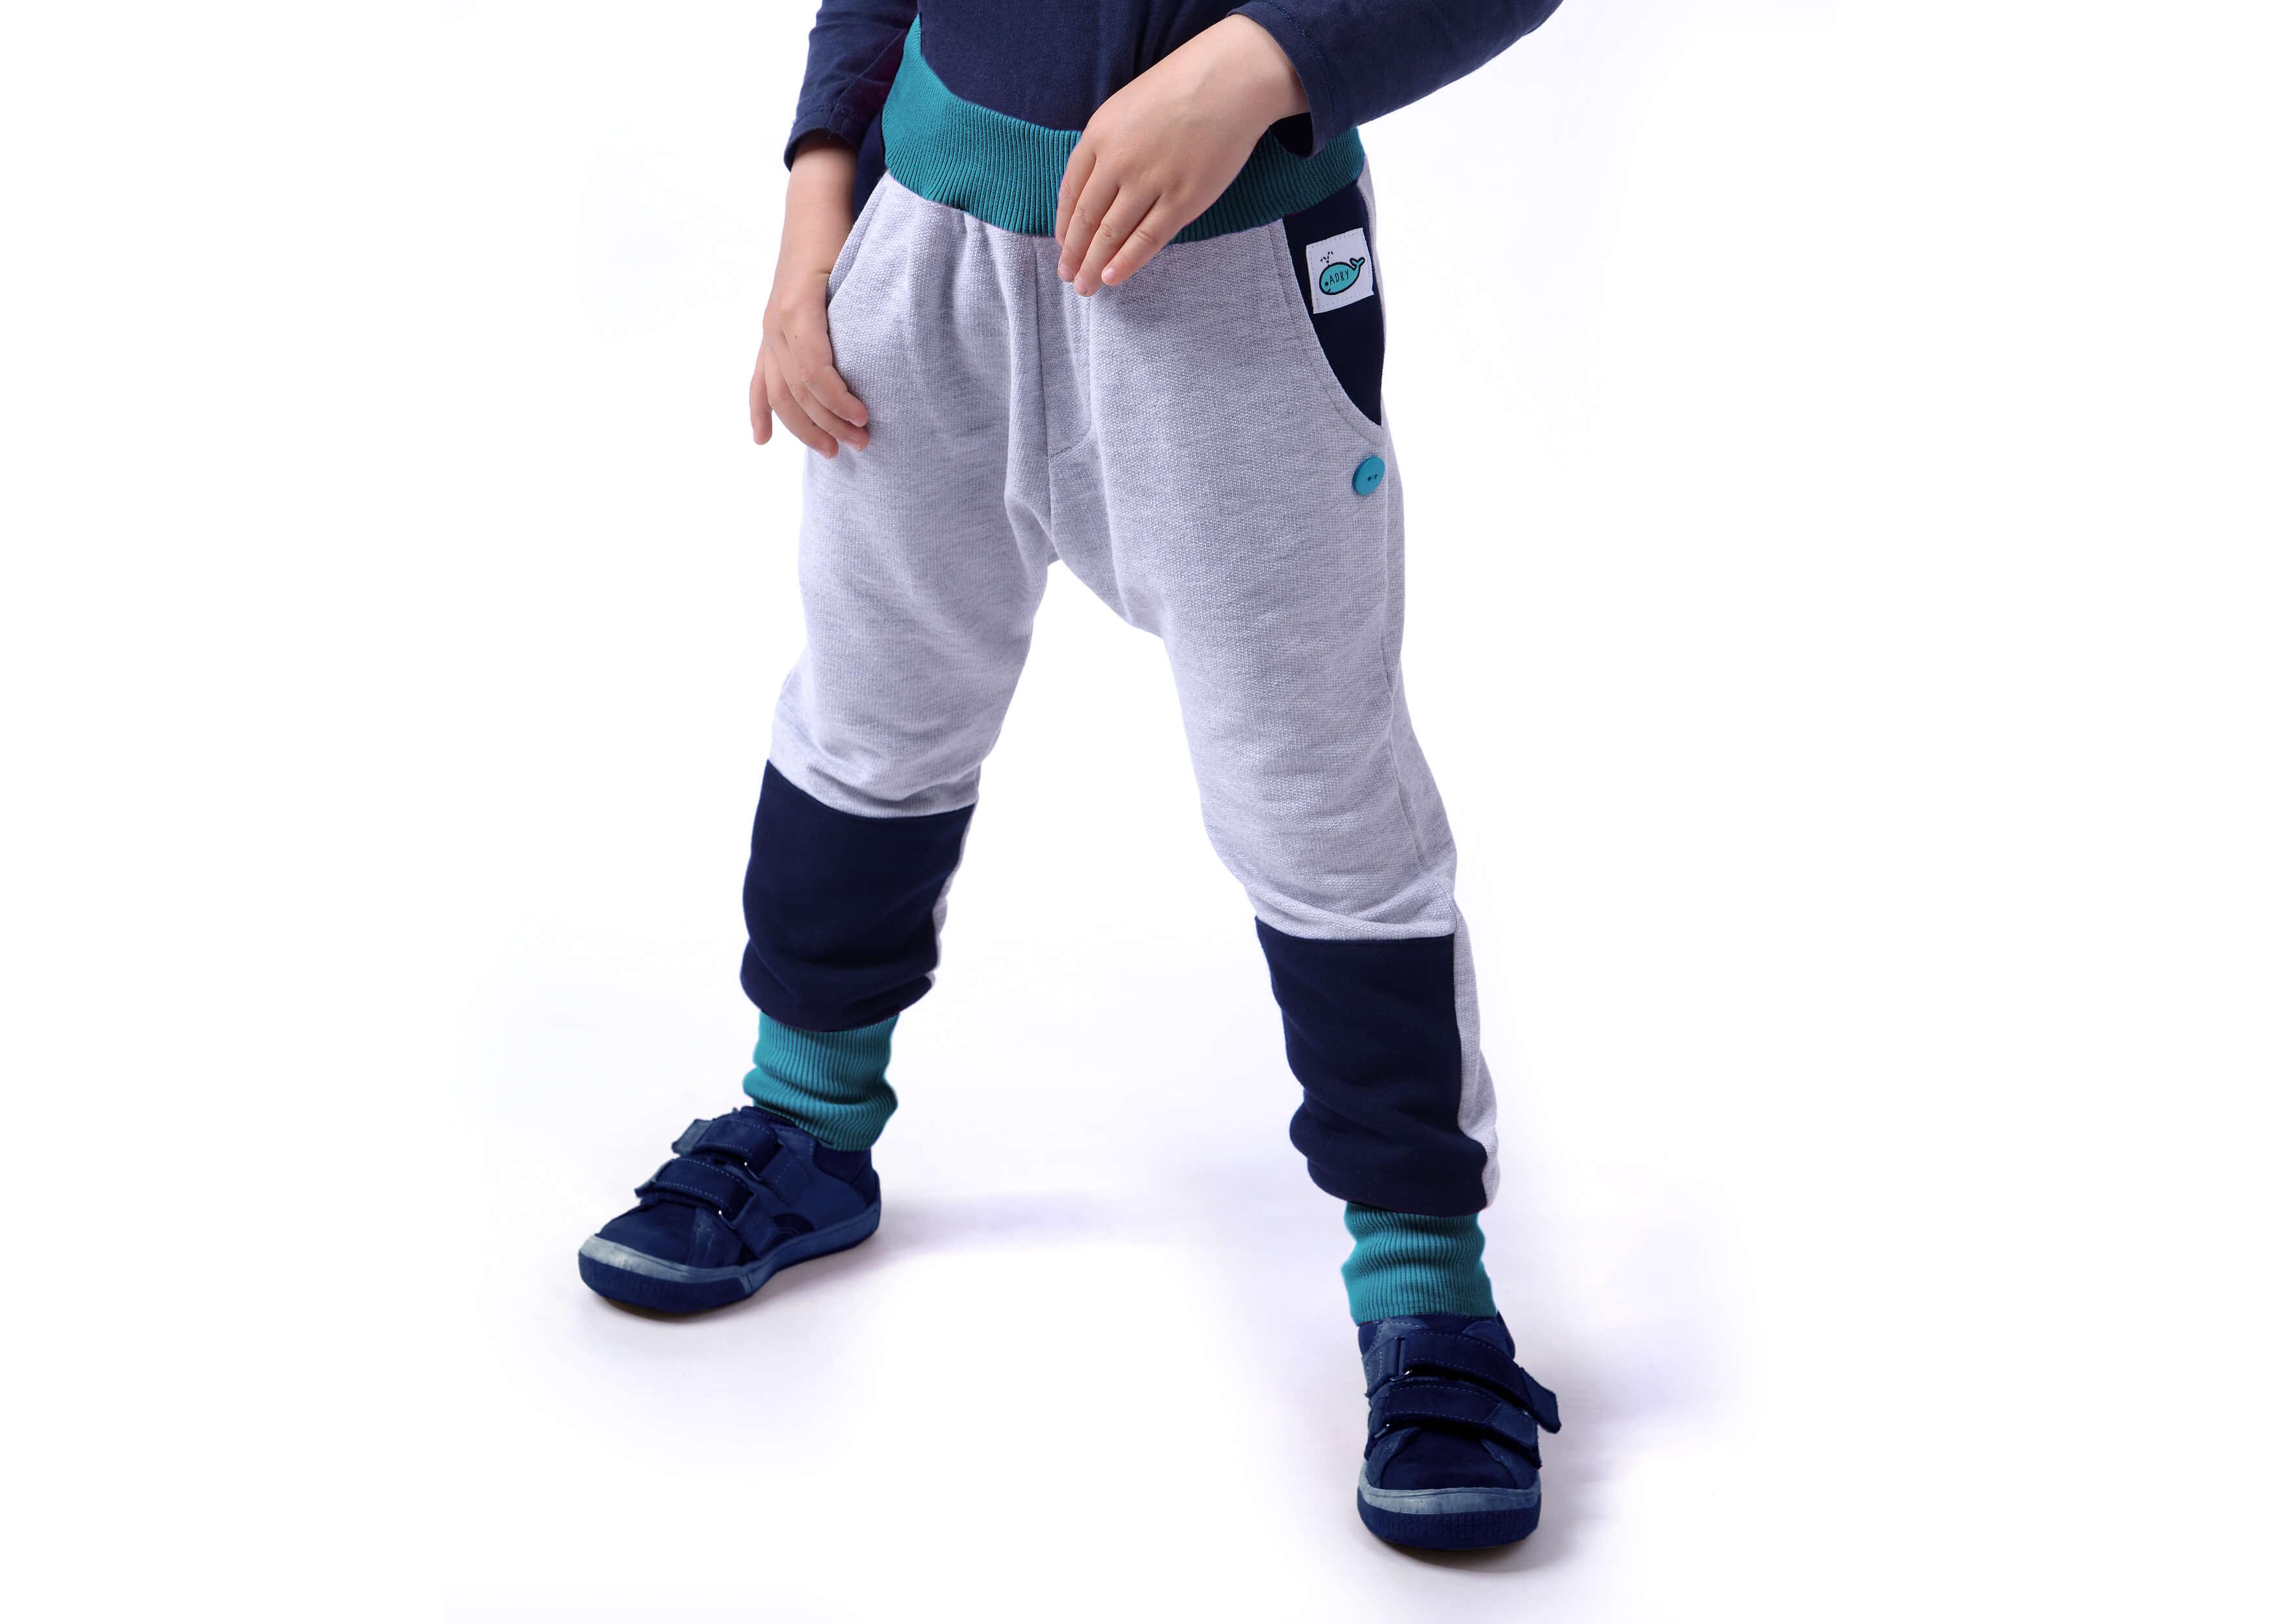 Dětské tepláky - turky (tyrkys - melé) - Oblečení Adry fe43511dbb